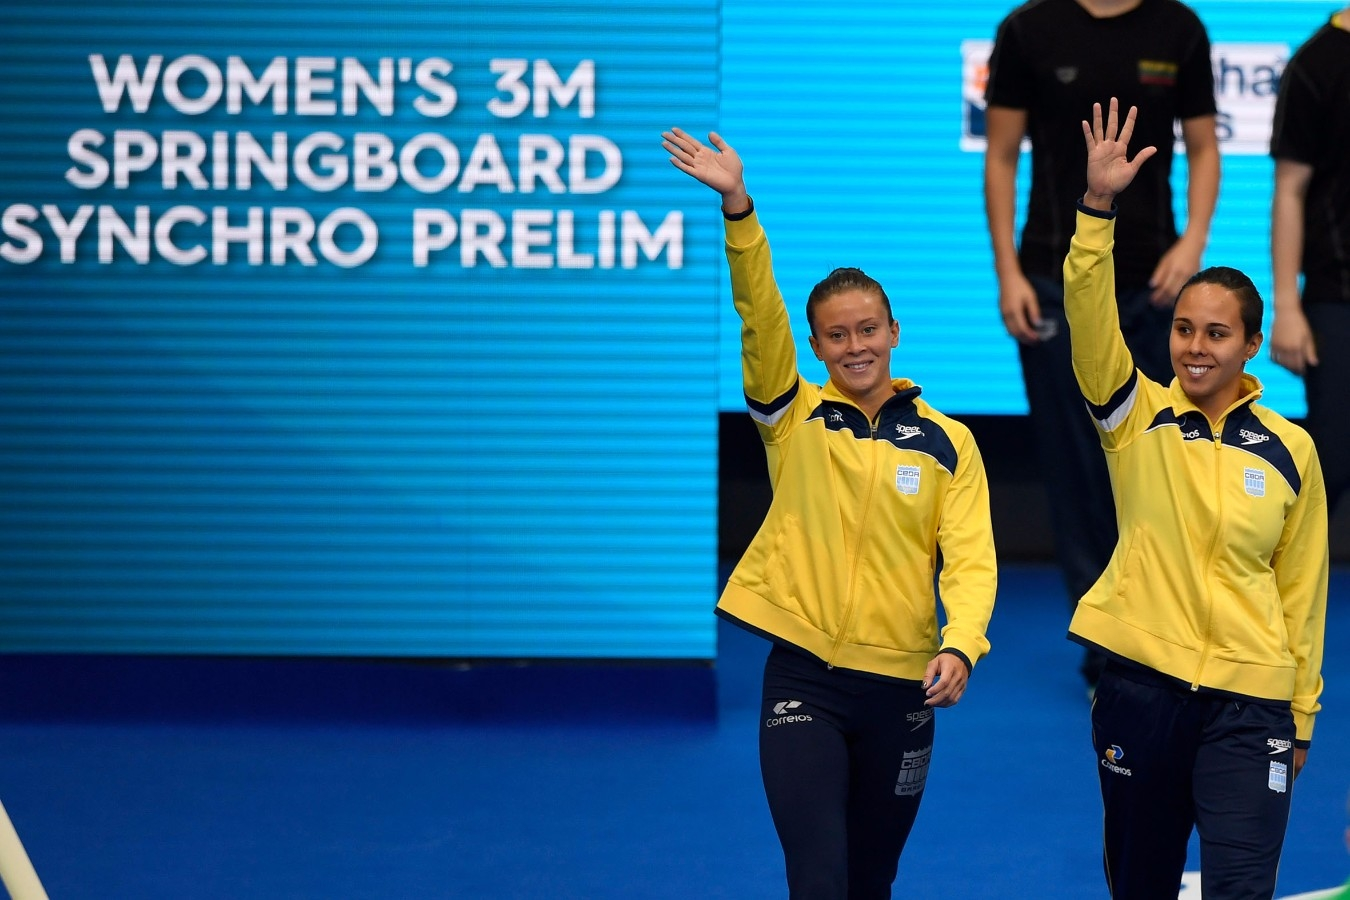 Tammy, Luana. Campeonato Mundial de Desportos Aquaticos. Duna Arena. 17 de Julho de 2017, Budapeste, Hungria. Foto: Simone Castrovillare/SSPress/CBDA